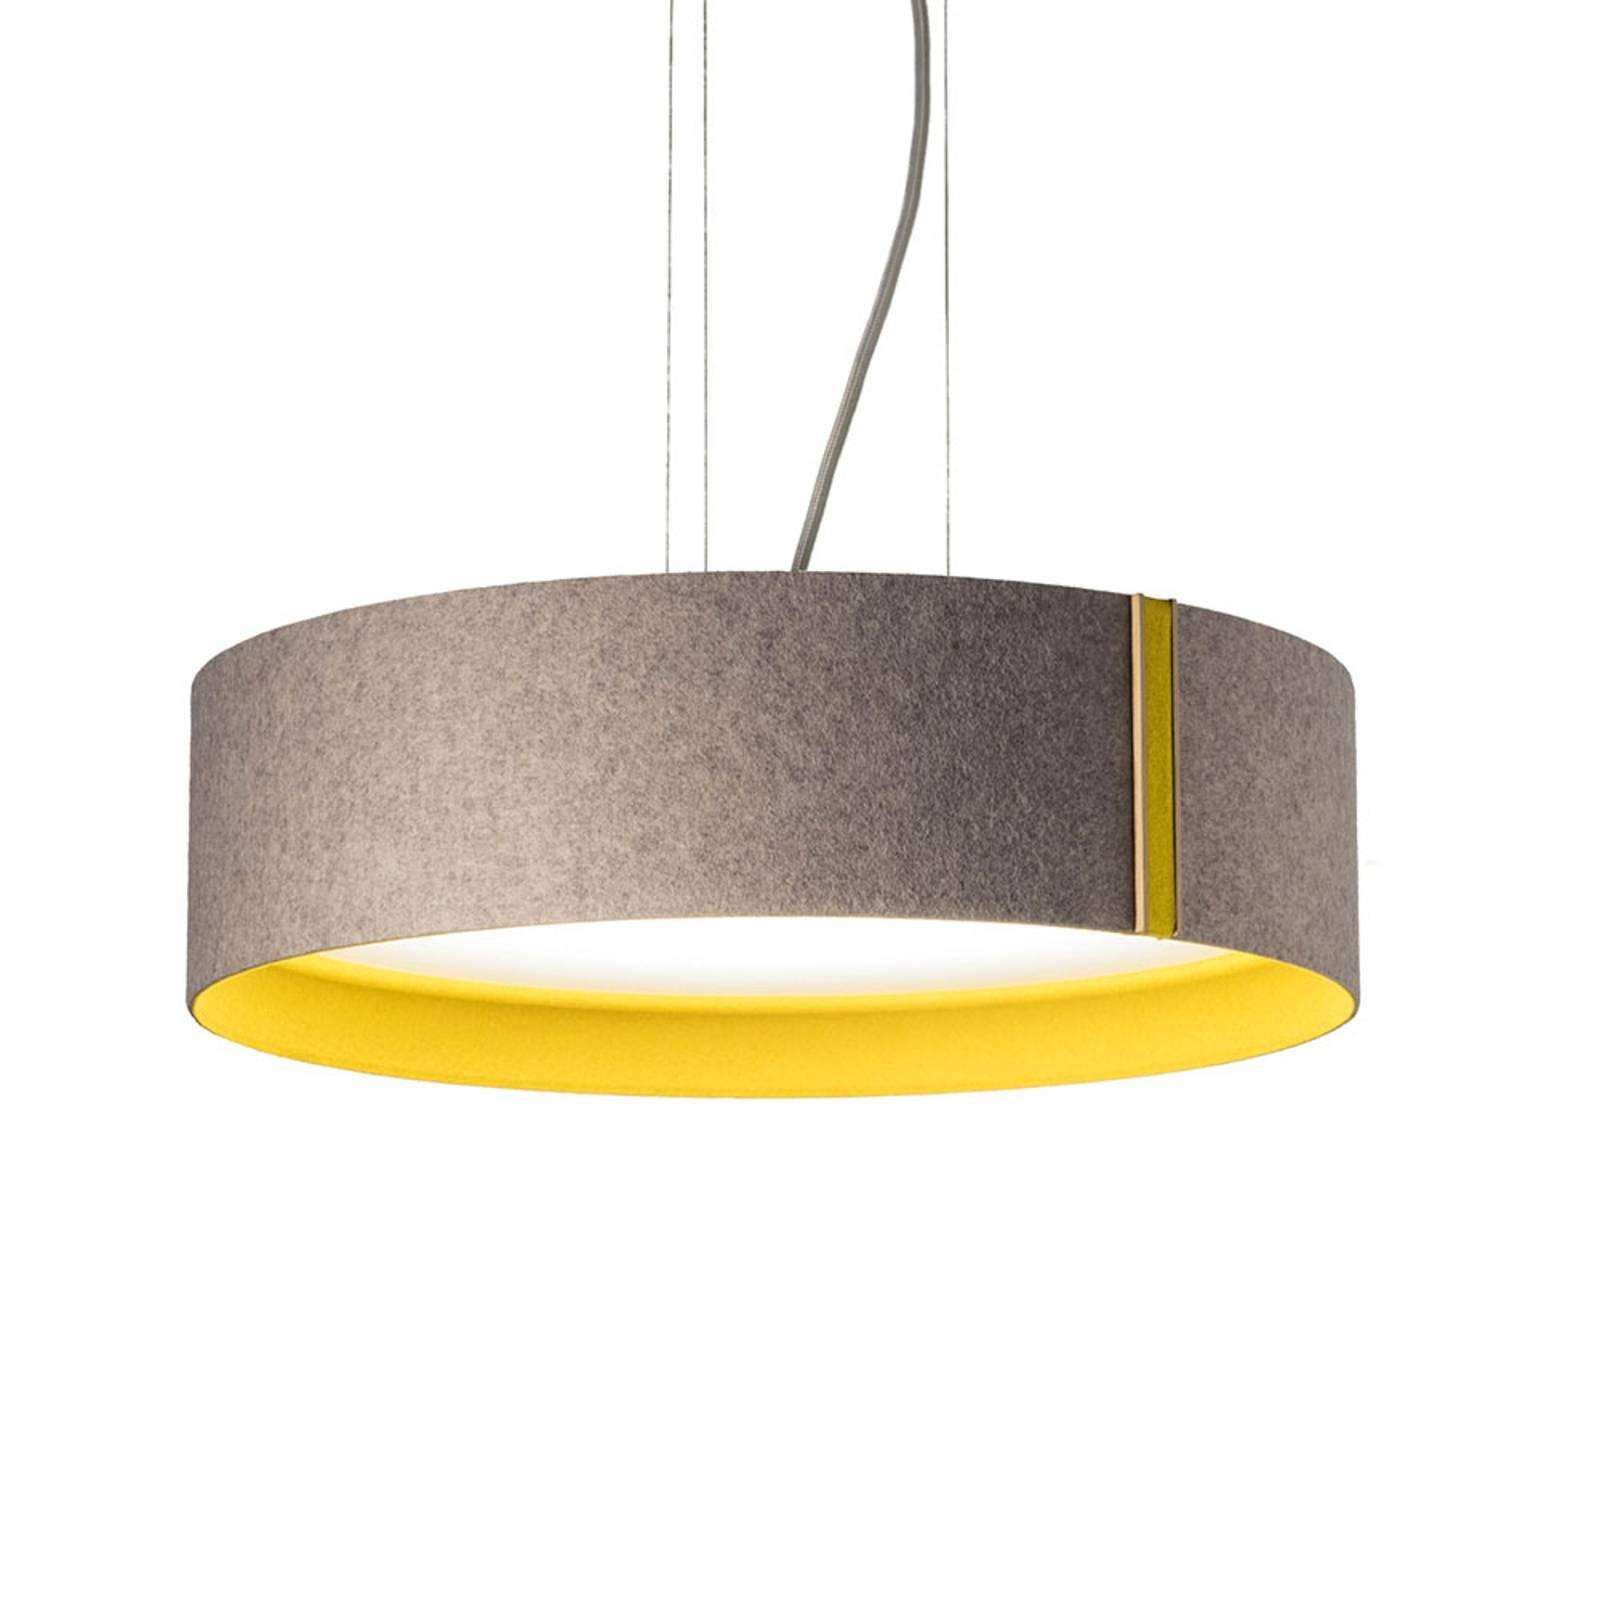 LED-riippuvalaisin LARAfelt M, Ø43cm, harmaa/curry